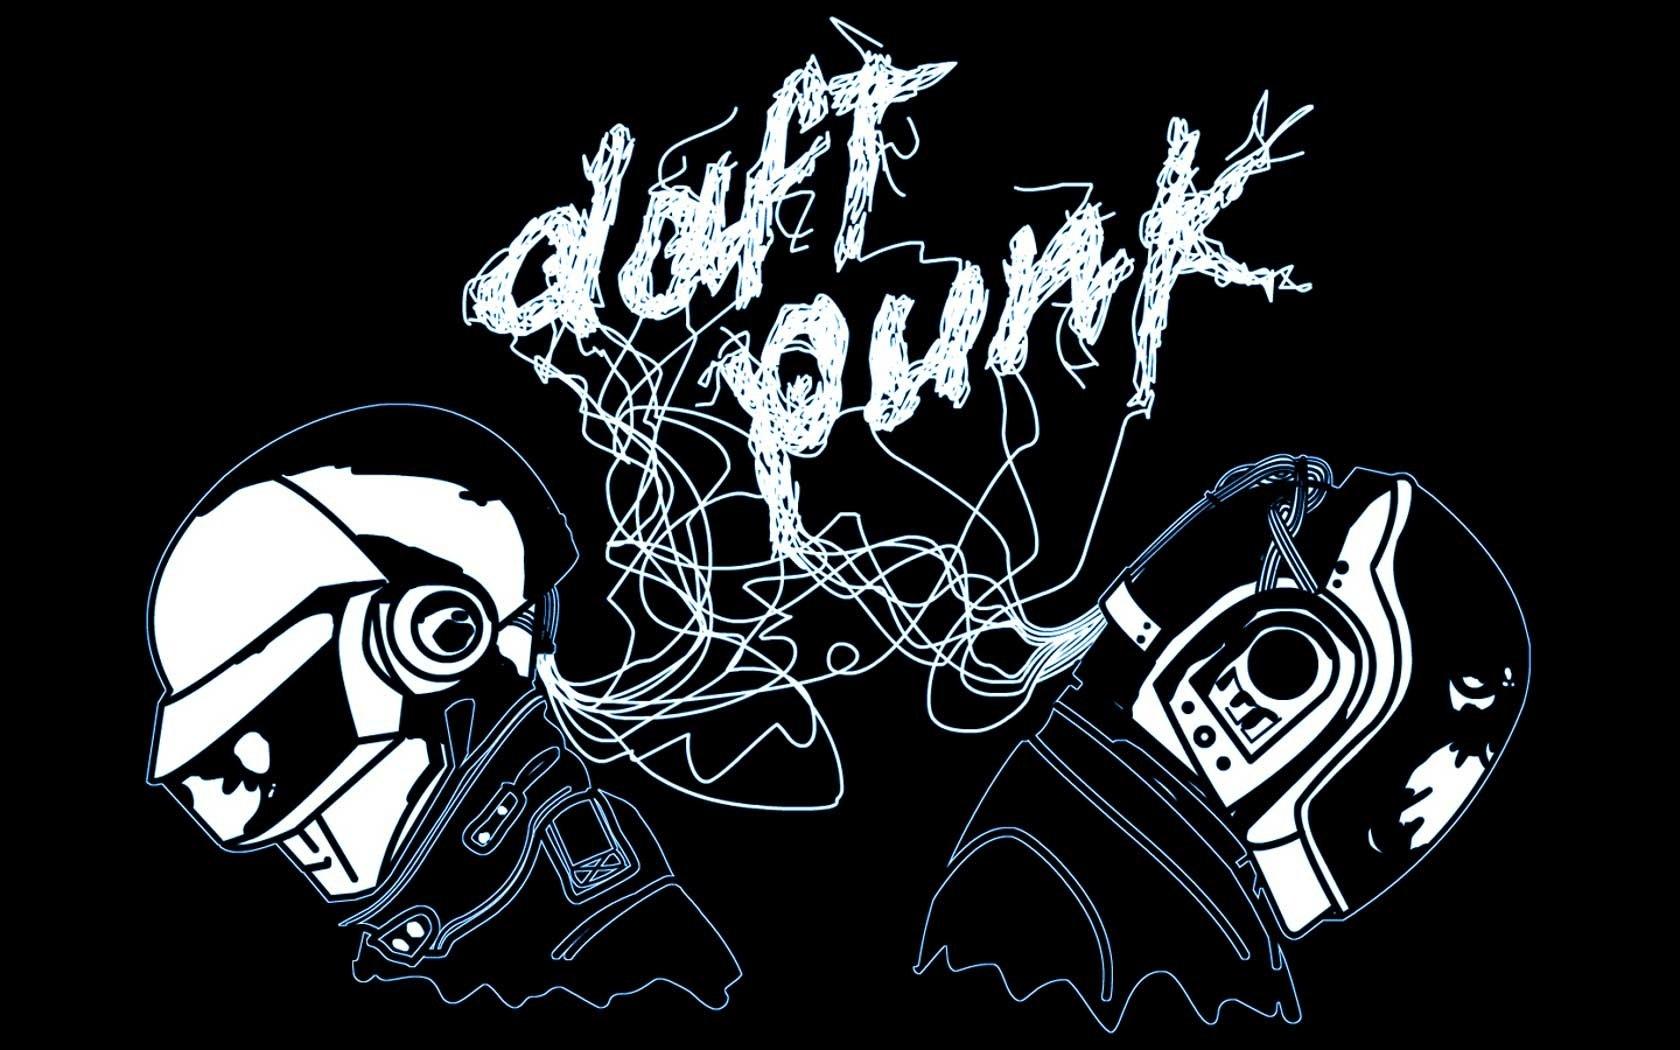 Daft Punk ダフトパンク 壁紙 音楽好き バンドのデスクトップ壁紙